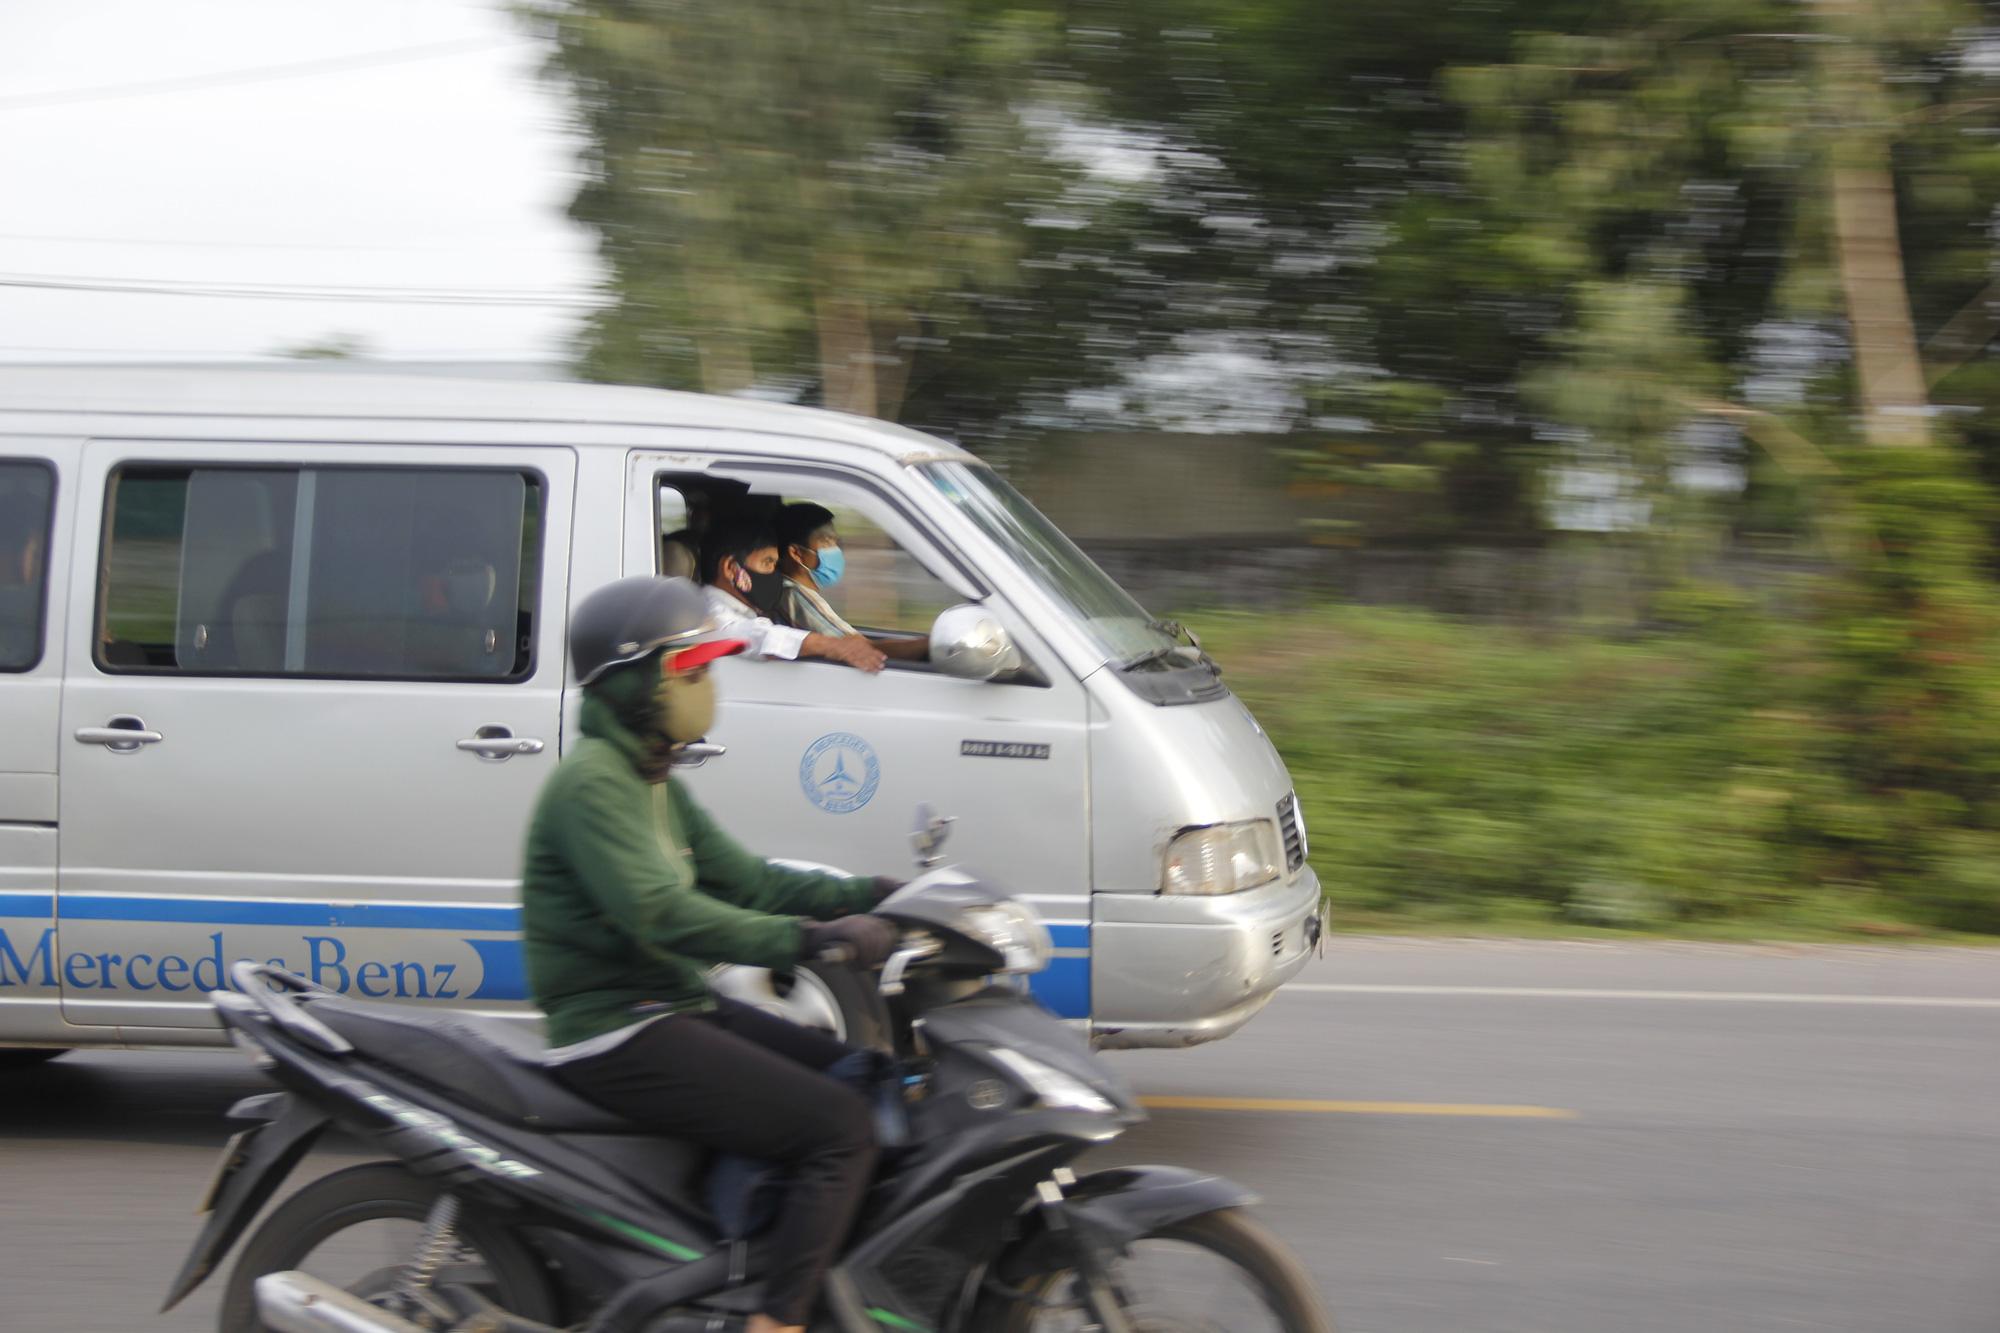 Quảng Trị: Nguy cơ lây lan dịch Covid-19 từ những xe khách hoạt động chui - Ảnh 5.